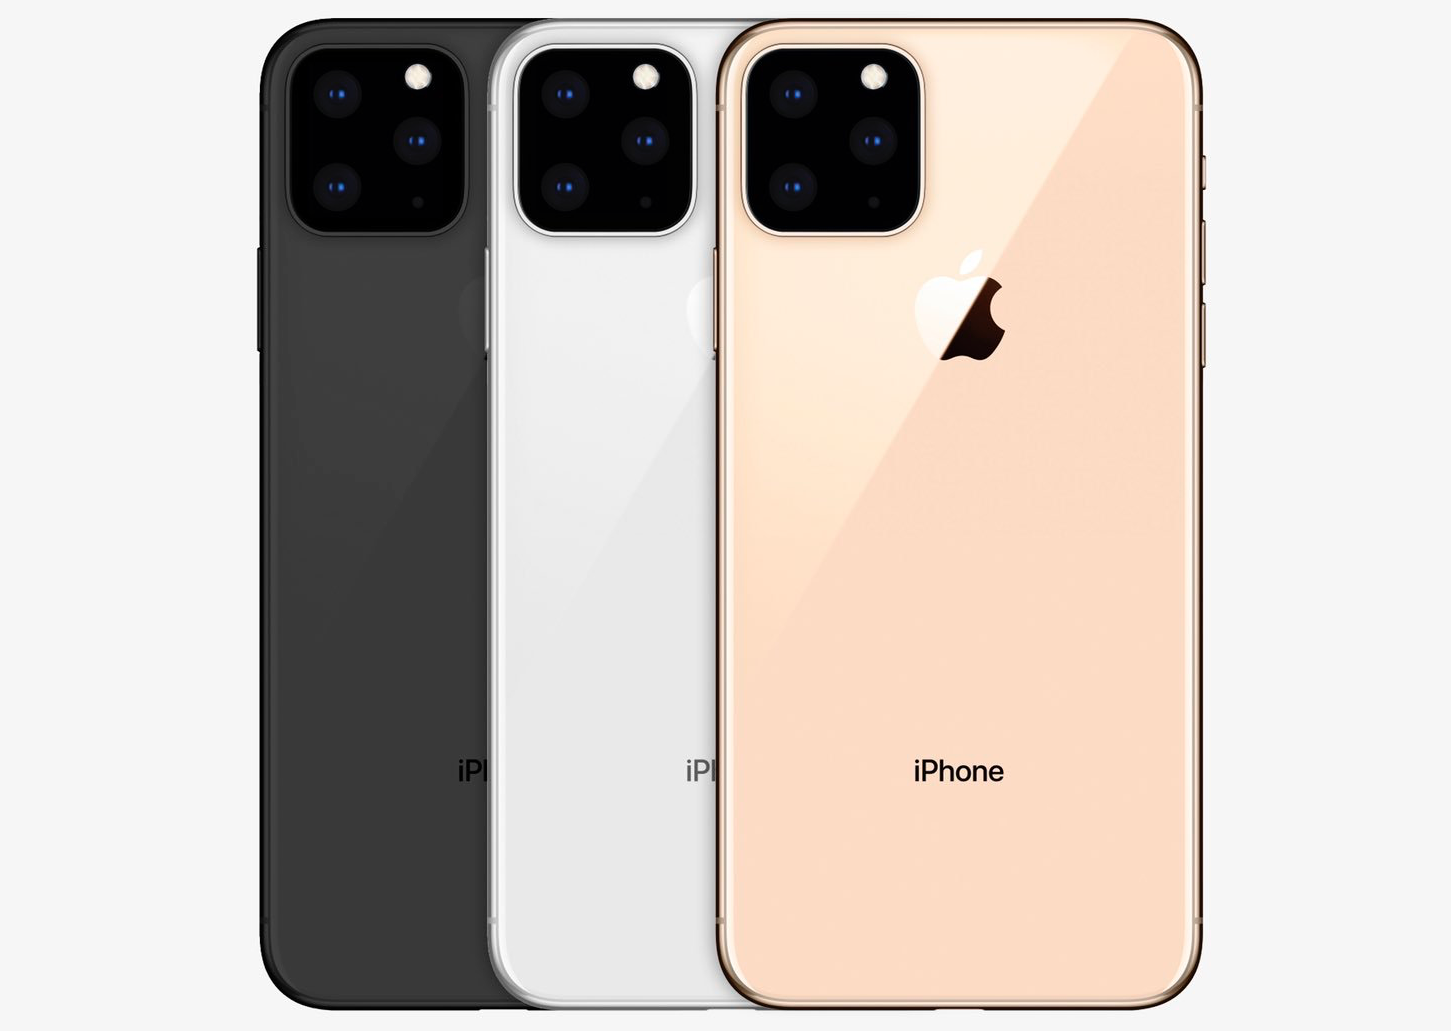 iPhone 2019 renders 001